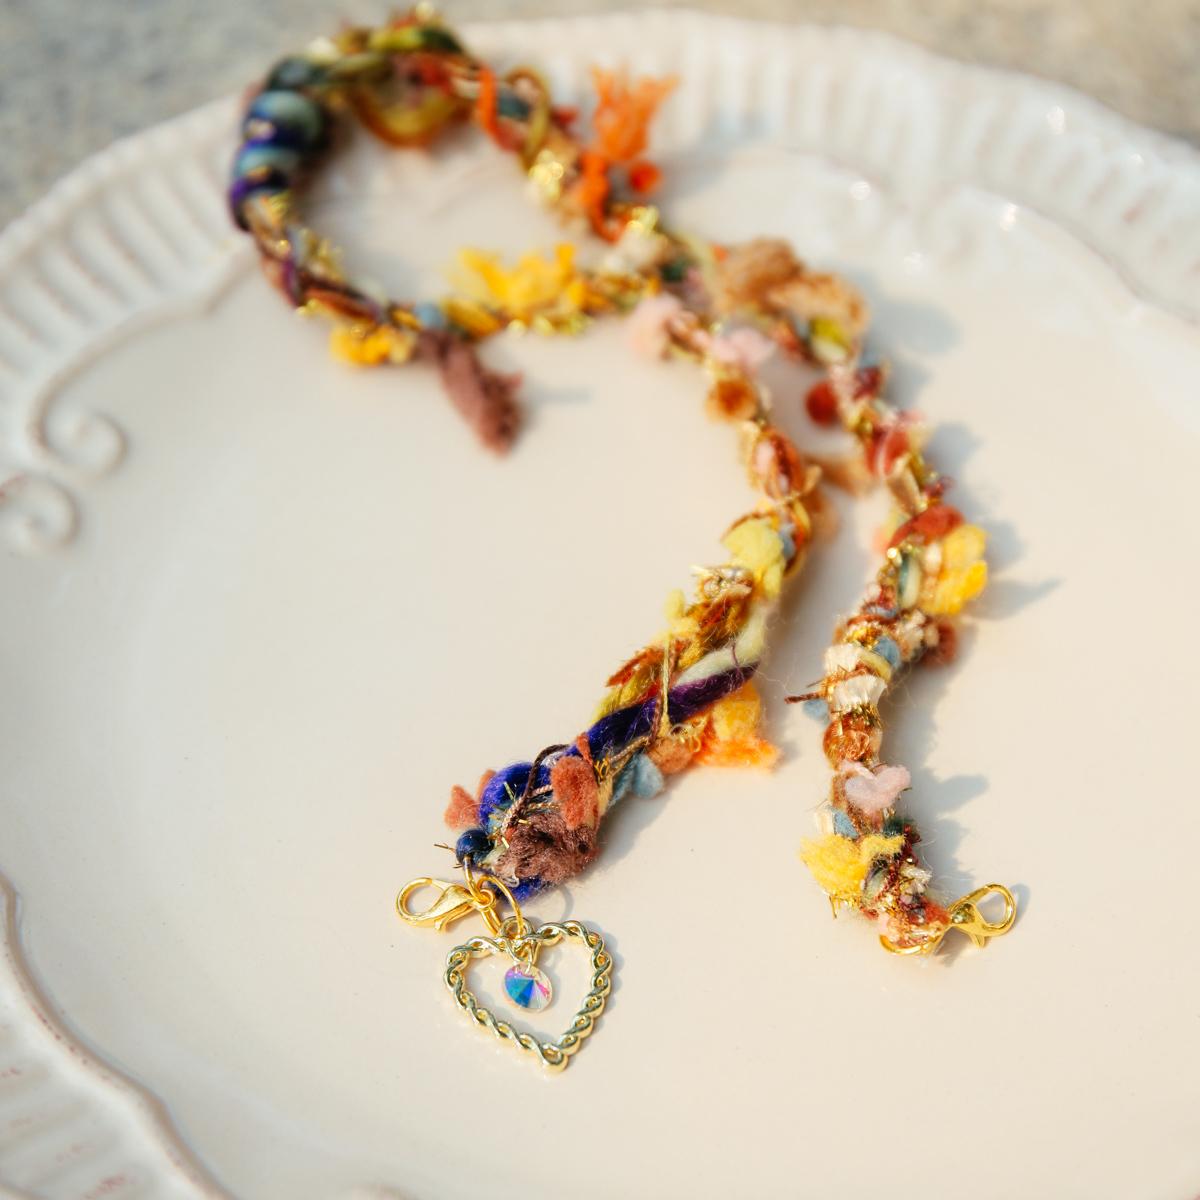 《商業攝影》三花貓手作花飾口罩掛繩拍攝 / 台中商品手工編織口罩掛飾眼鏡掛繩口罩鍊